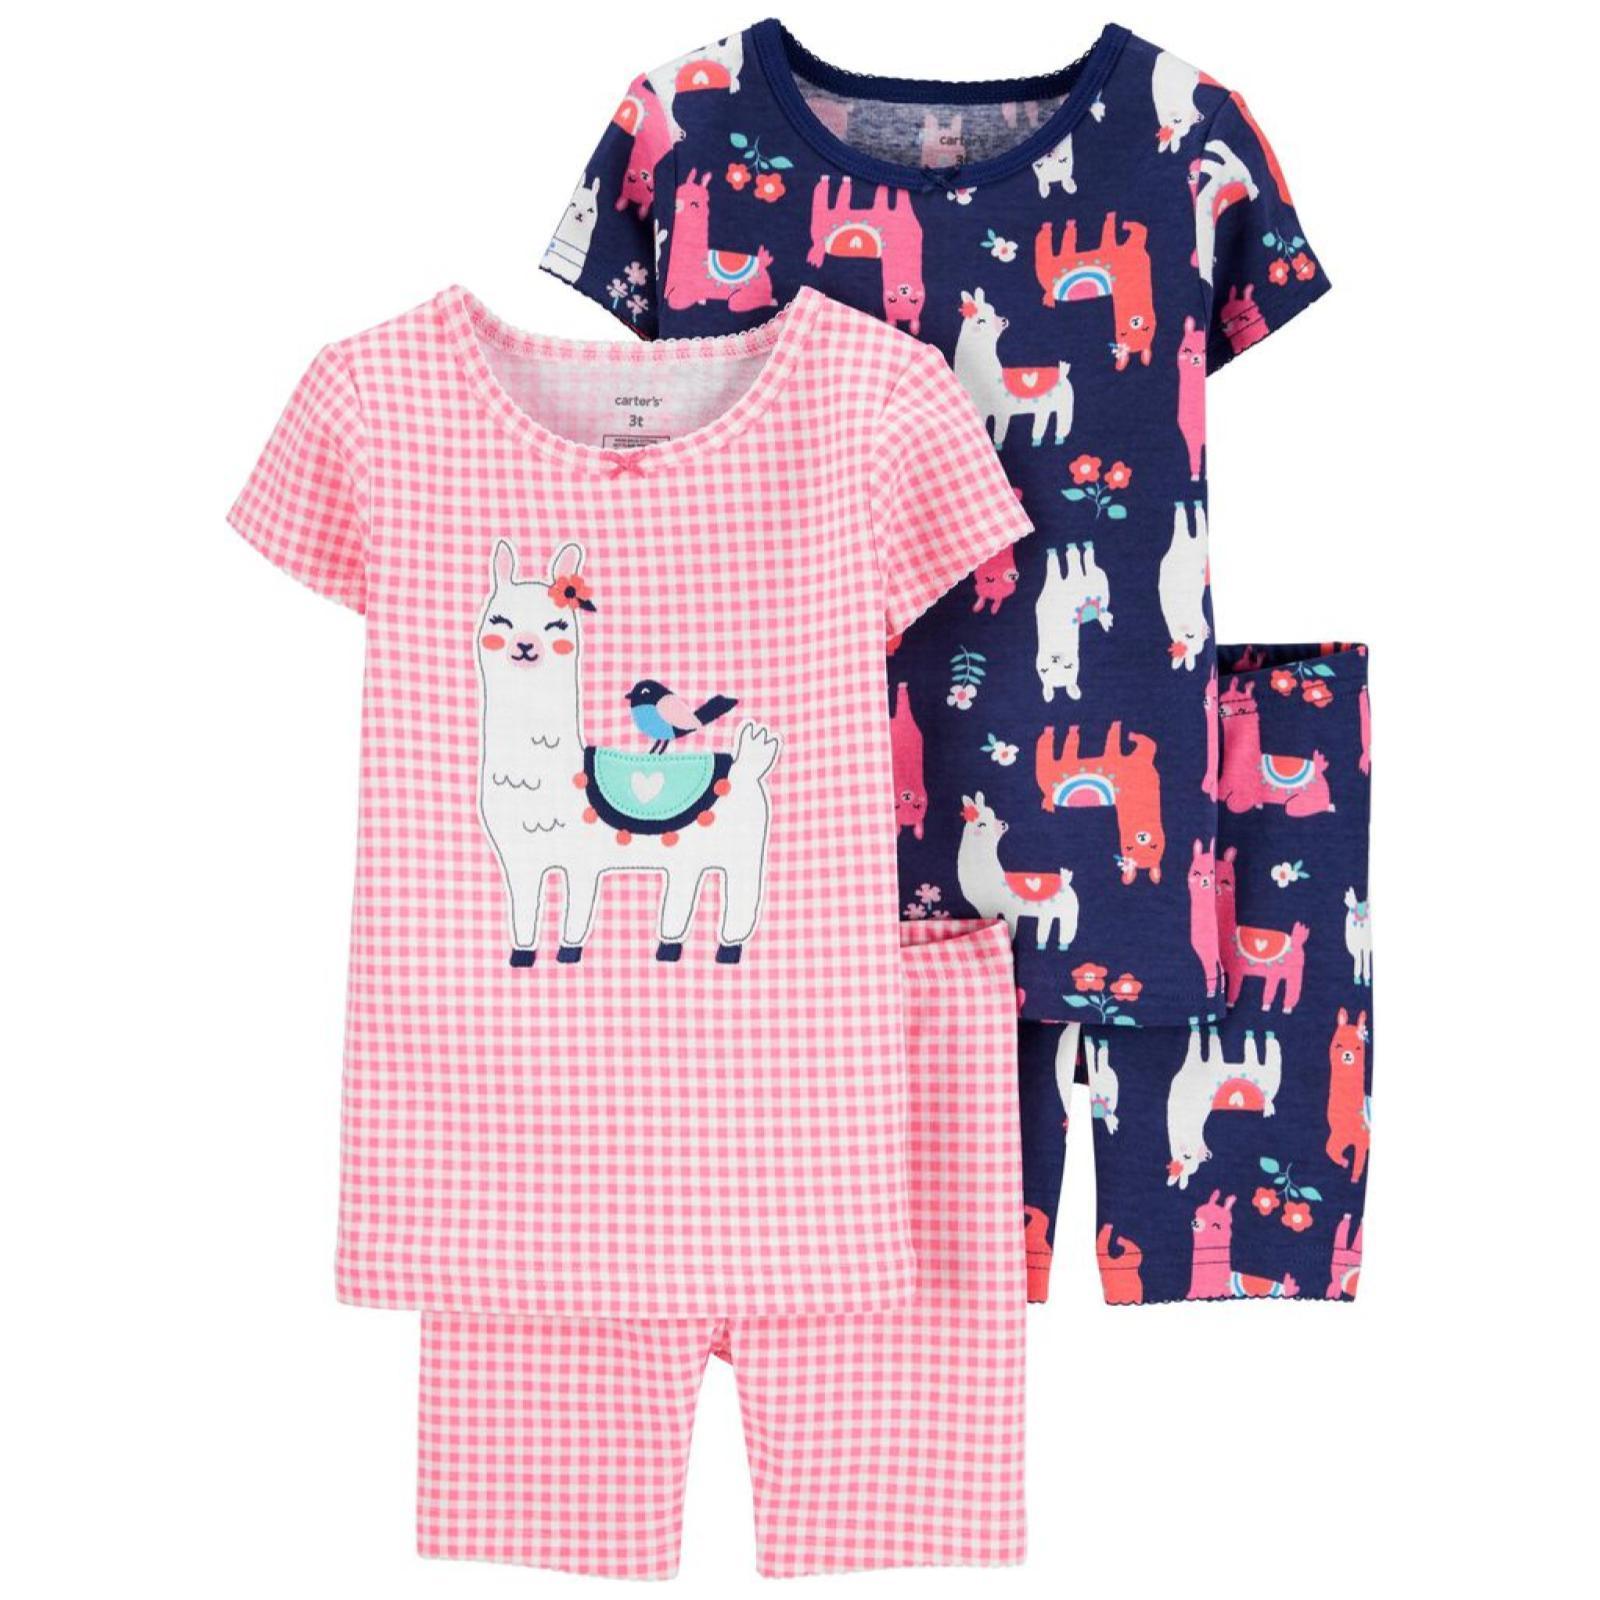 Pijama 4 pecas lhama | 18 meses e 12 meses